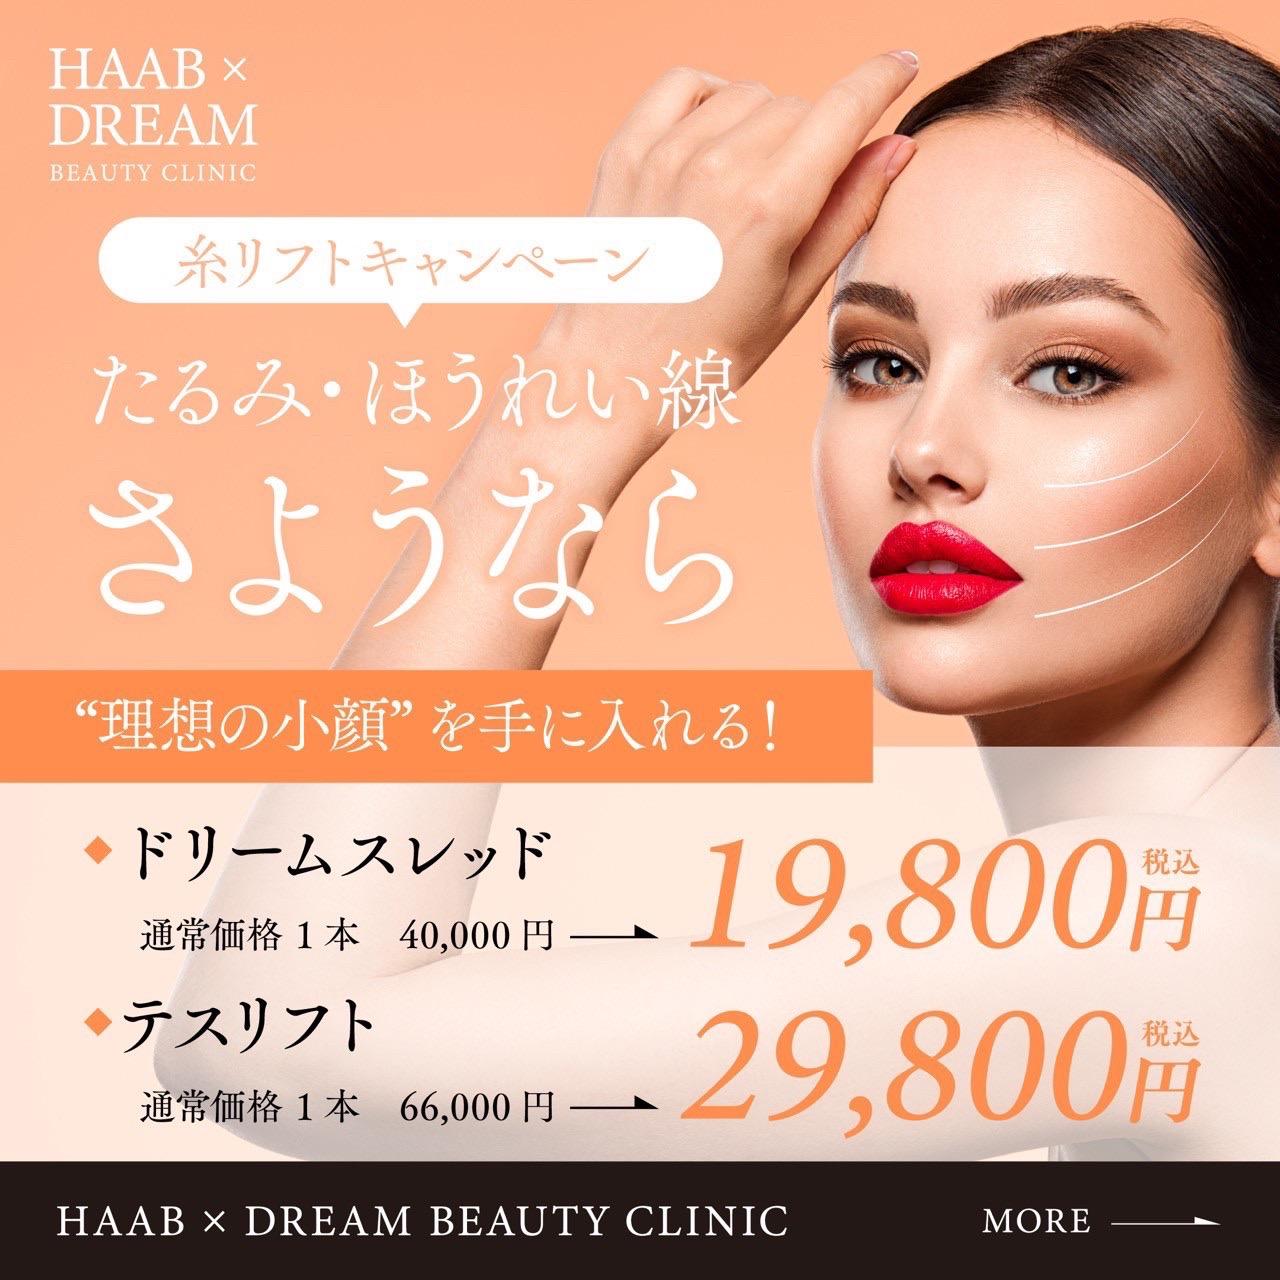 美容外科治療の糸リフト特別プラン告知画像